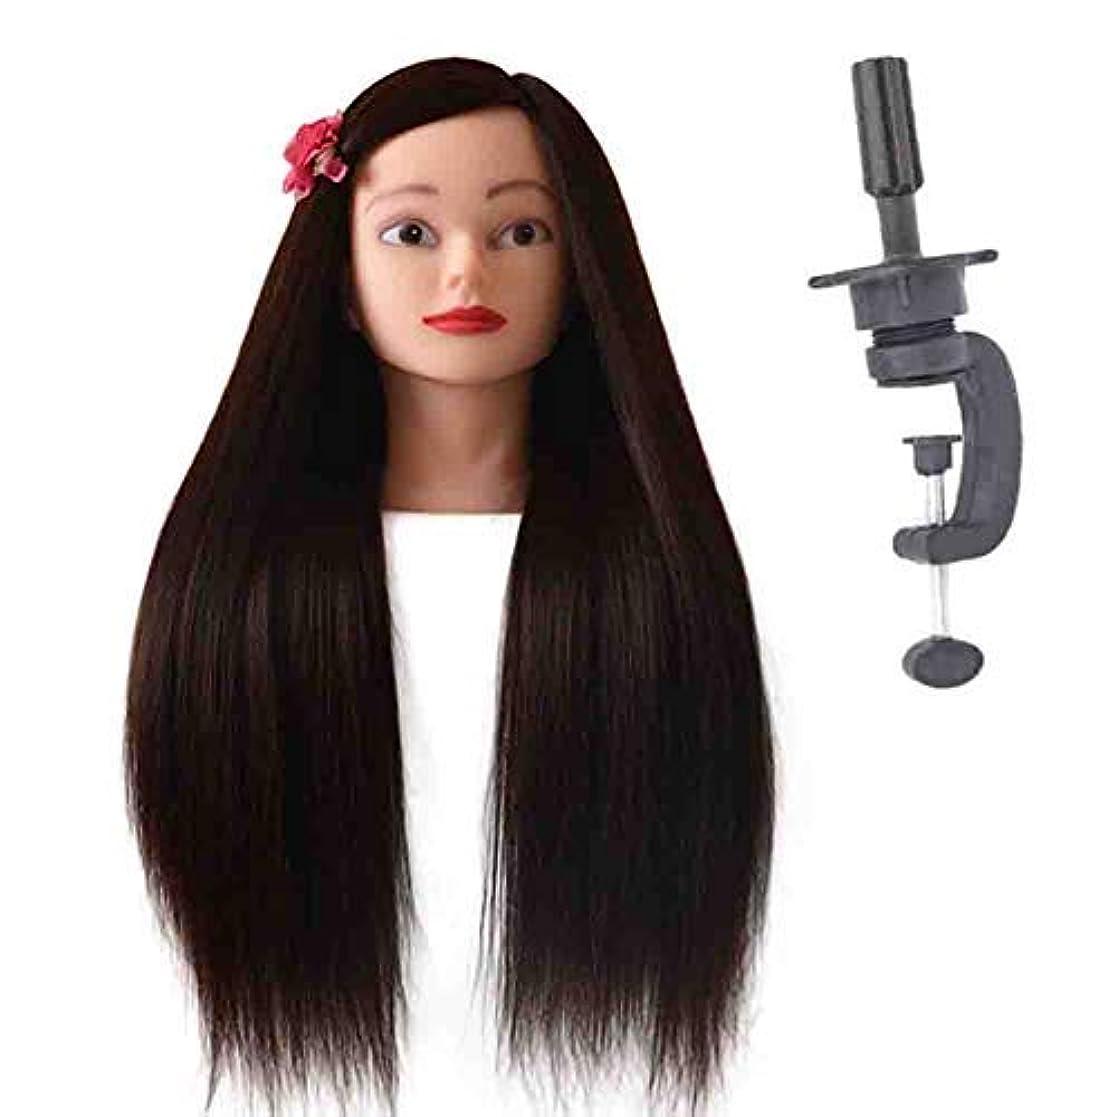 いつ屋内でペントウモロコシホットシミュレーションヘアメイクヘアプレートヘアダミー練習ヘッド金型理髪店初心者トリムヘアトレーニングヘッド